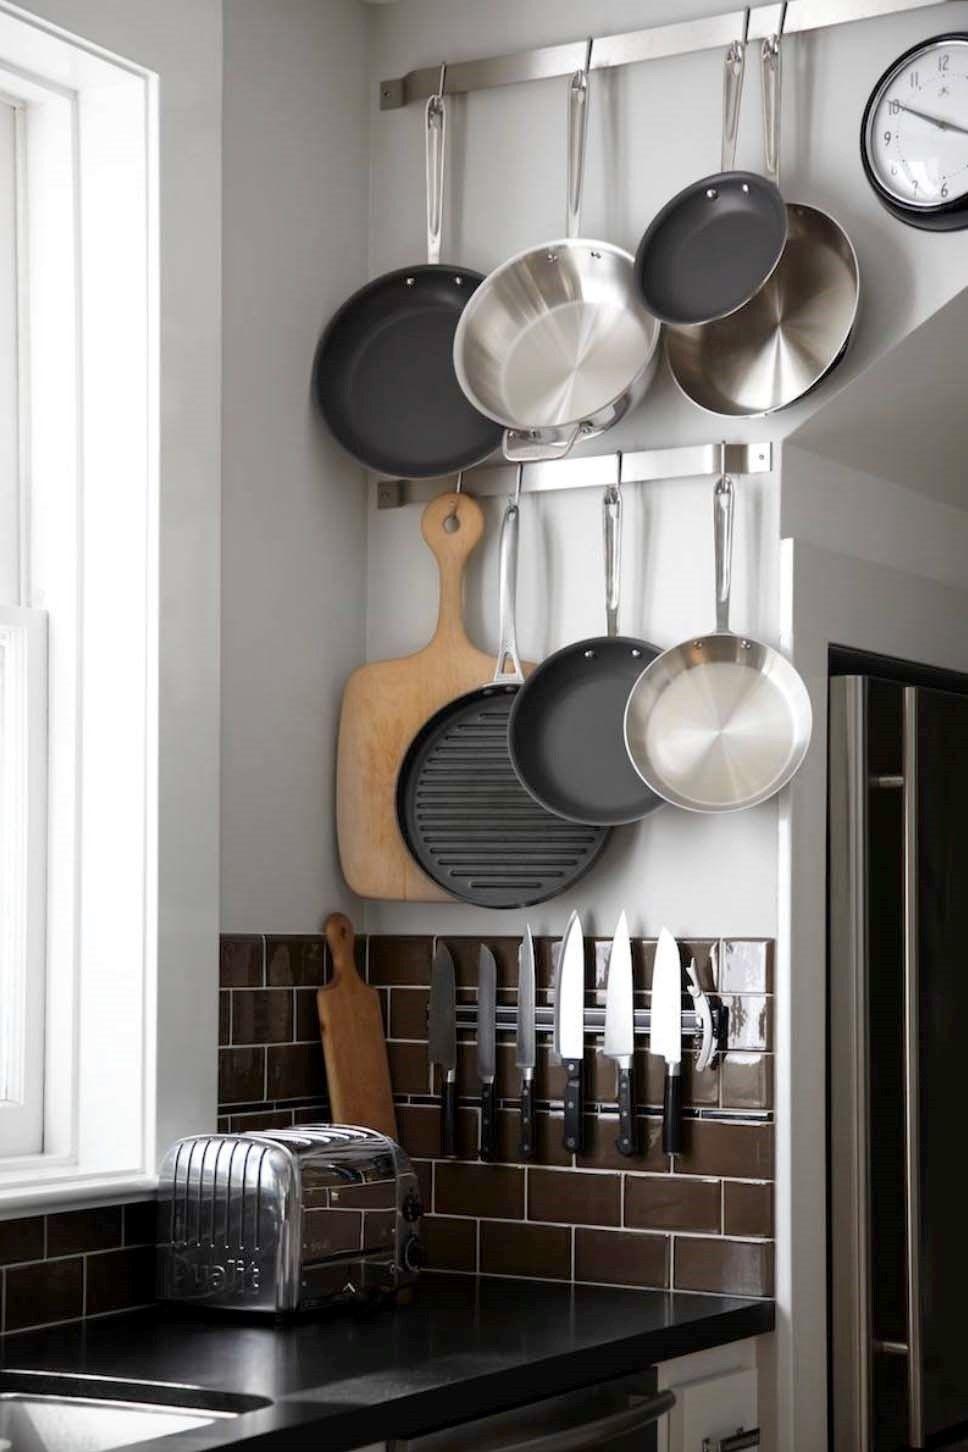 10 creative ways to organize cooking utensils kitchen utensil small kitchen storage small on kitchen organization dishes id=24661